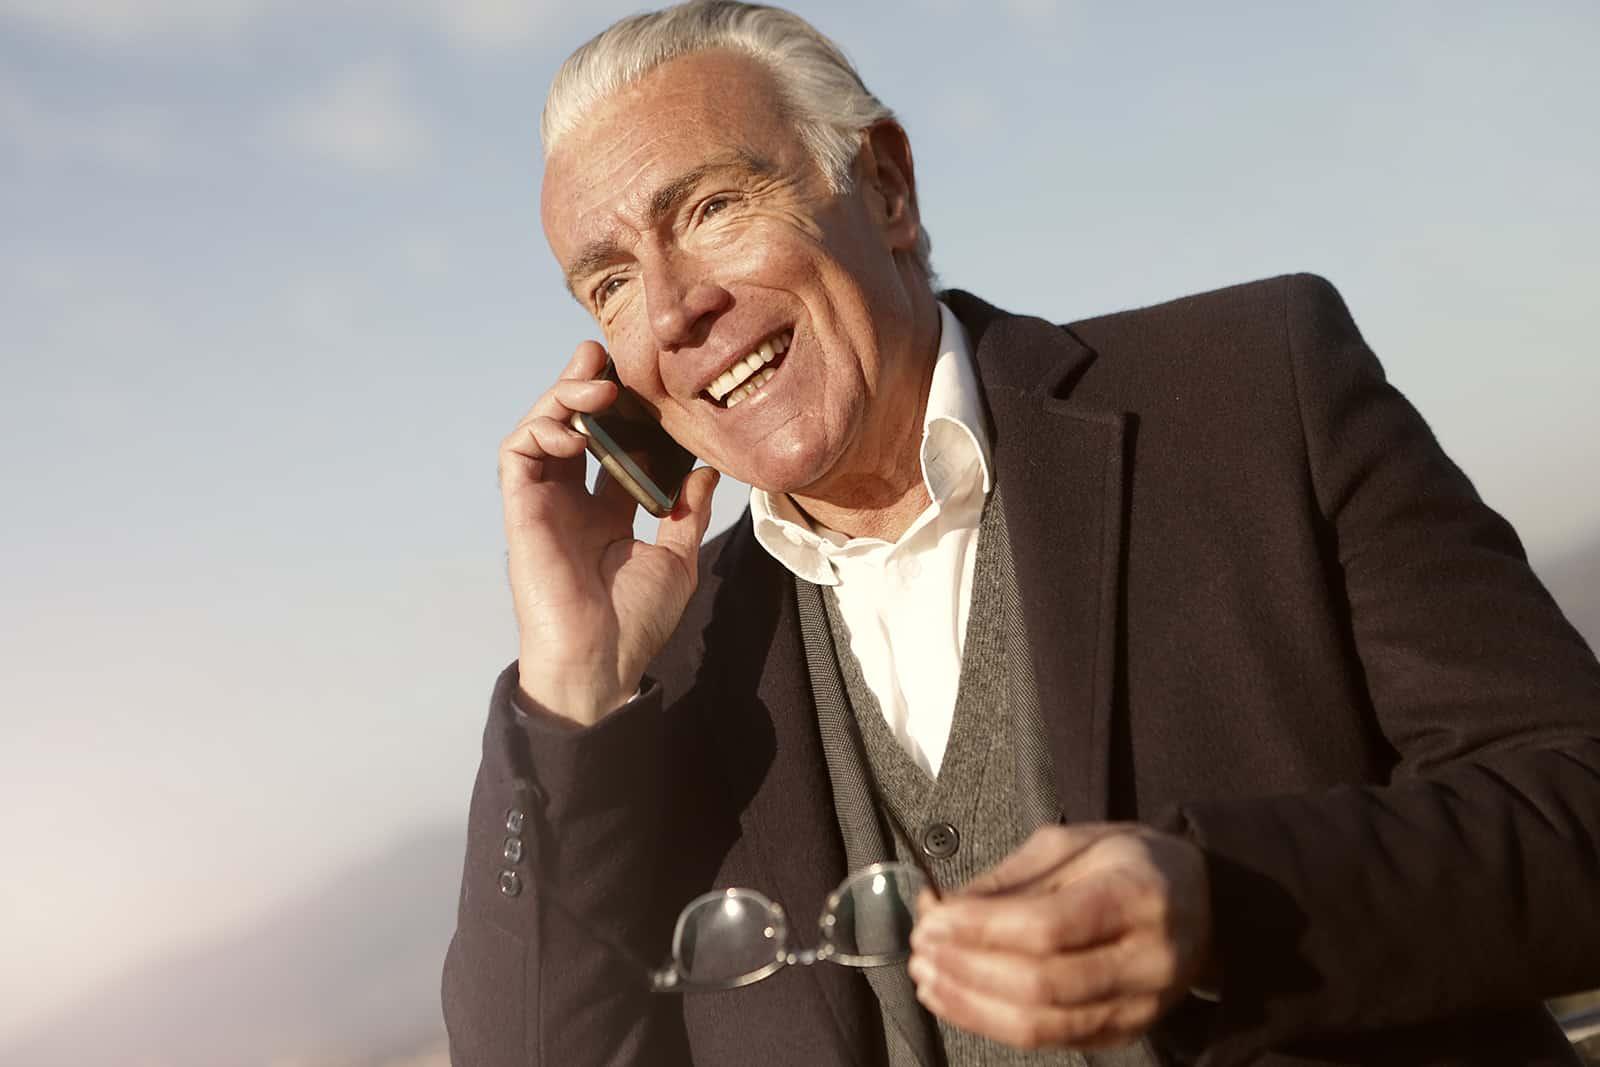 ein lächelnder älterer Mann, der einen Anruf hat, während er Brillen in der Hand hält